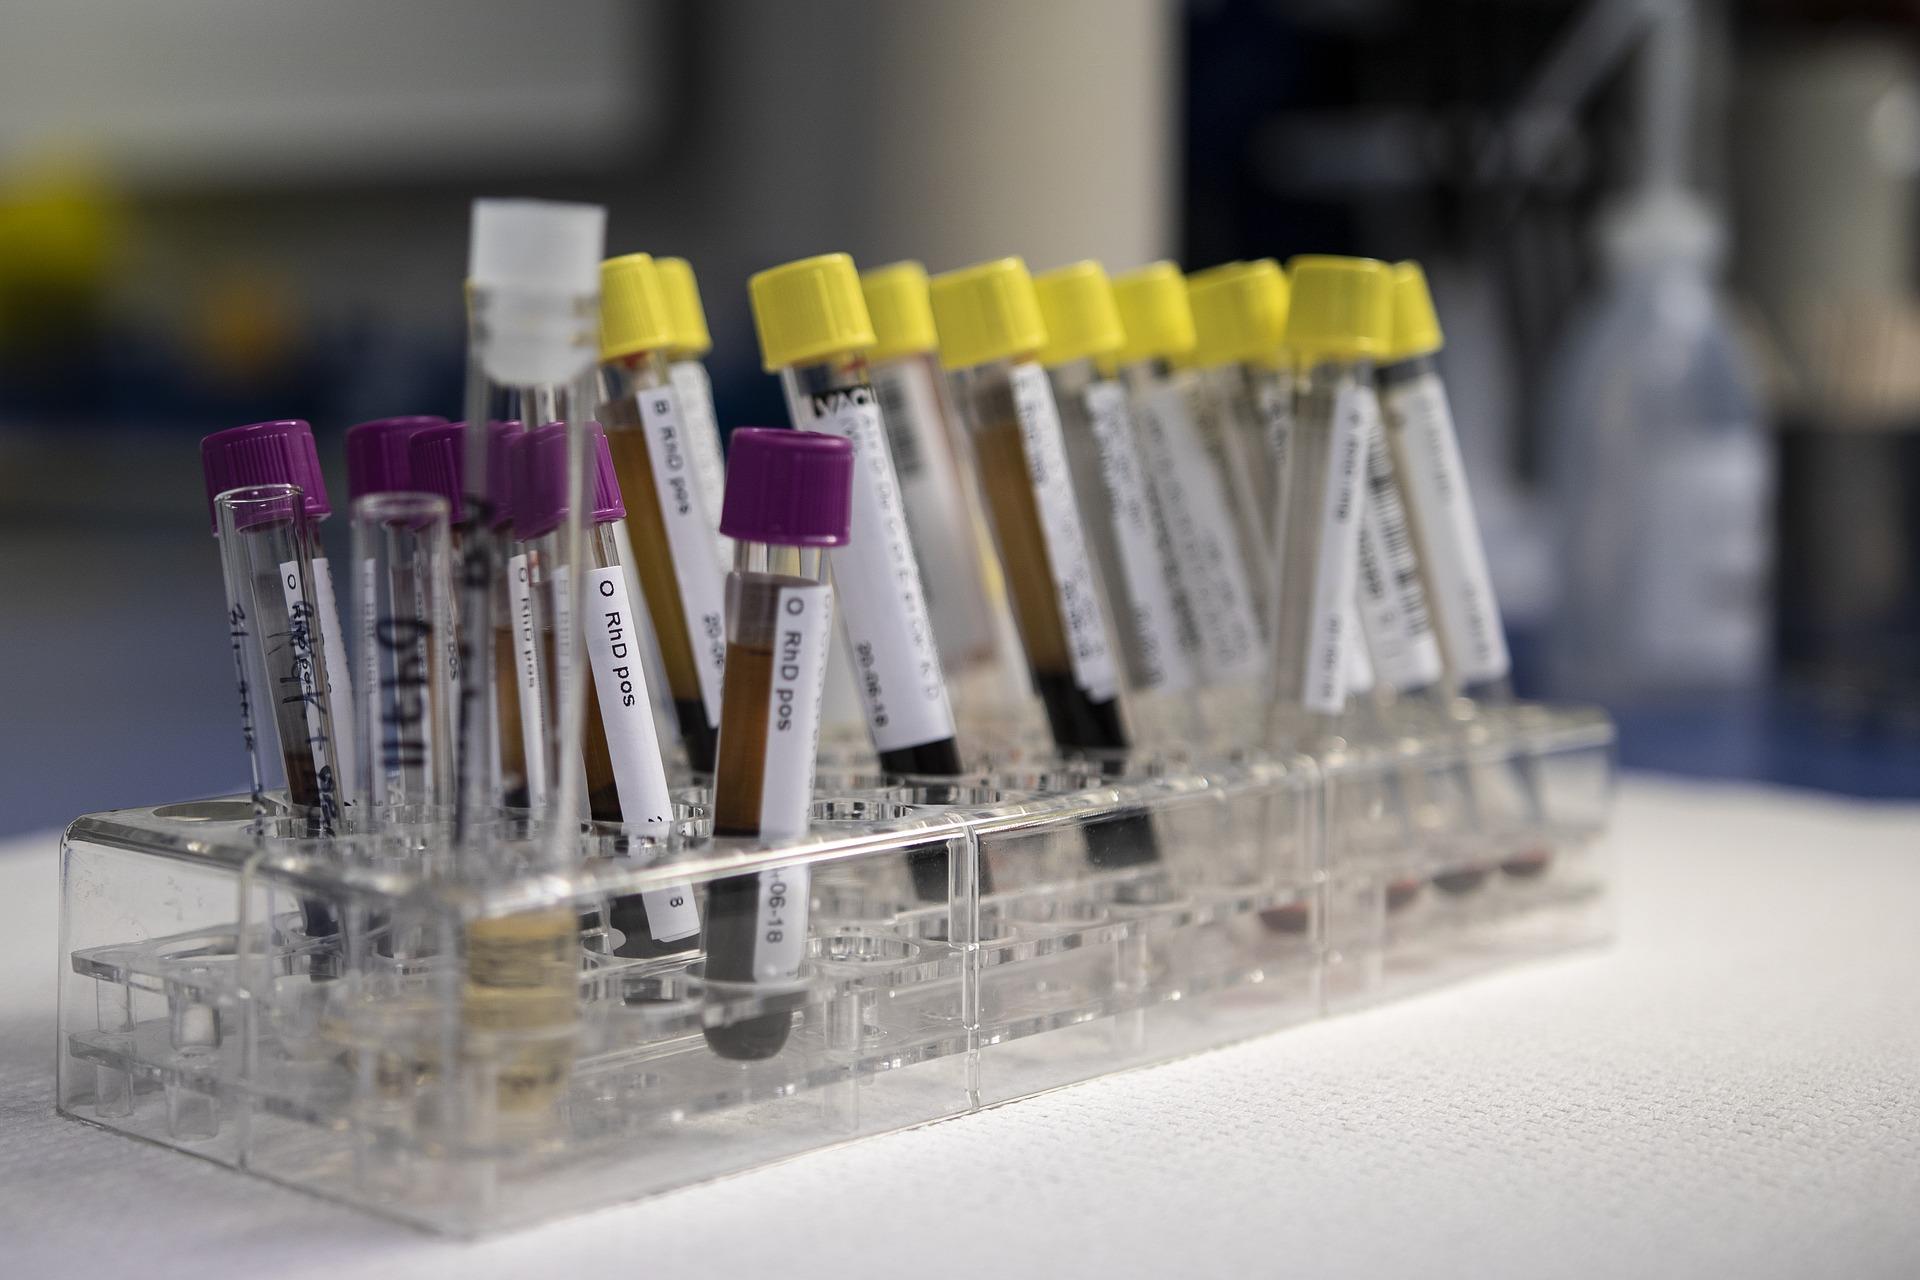 Российская сеть лабораторий начнет делать платные тесты на коронавирус